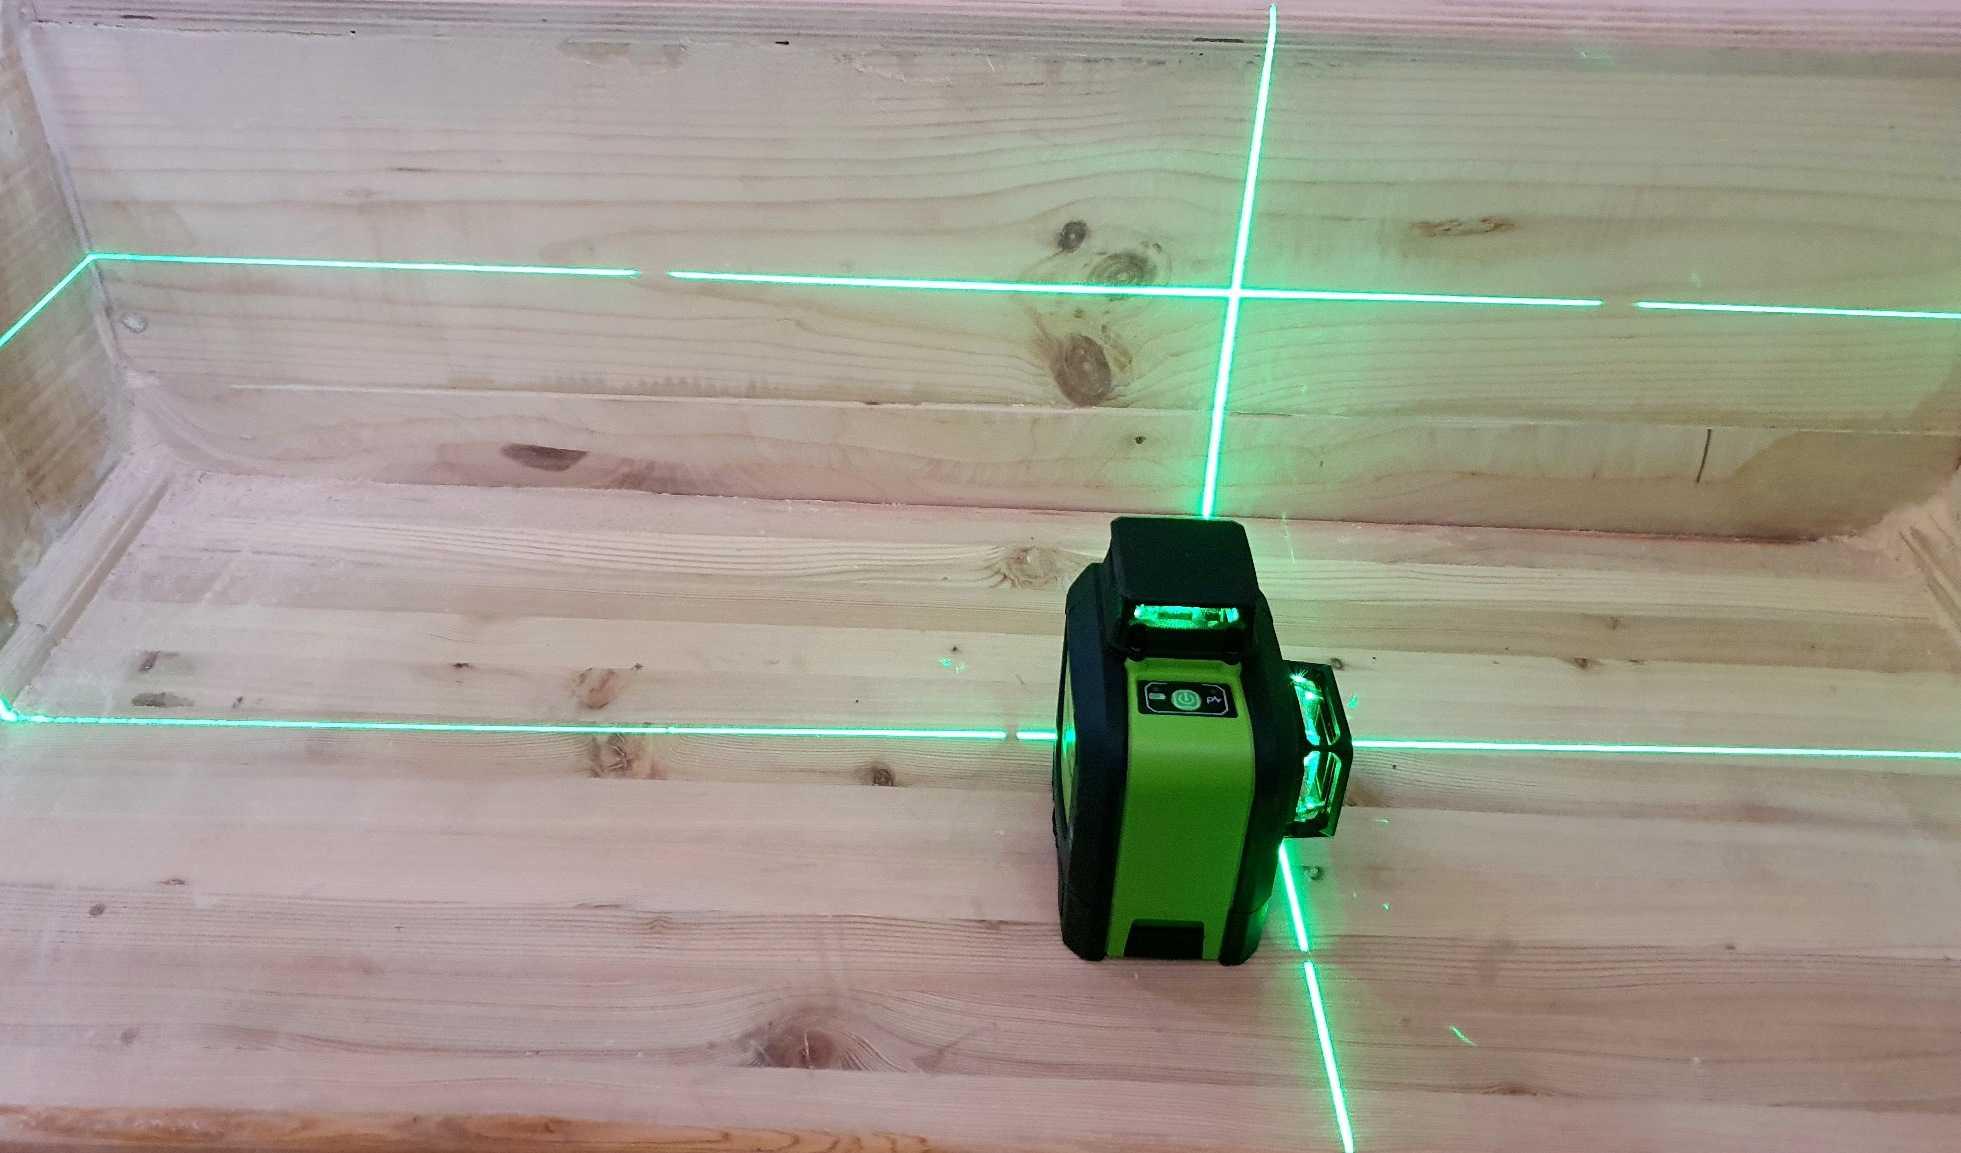 Ротационный нивелир: обзор лазерных нивелиров hilti и других моделей. как выбрать лучший?